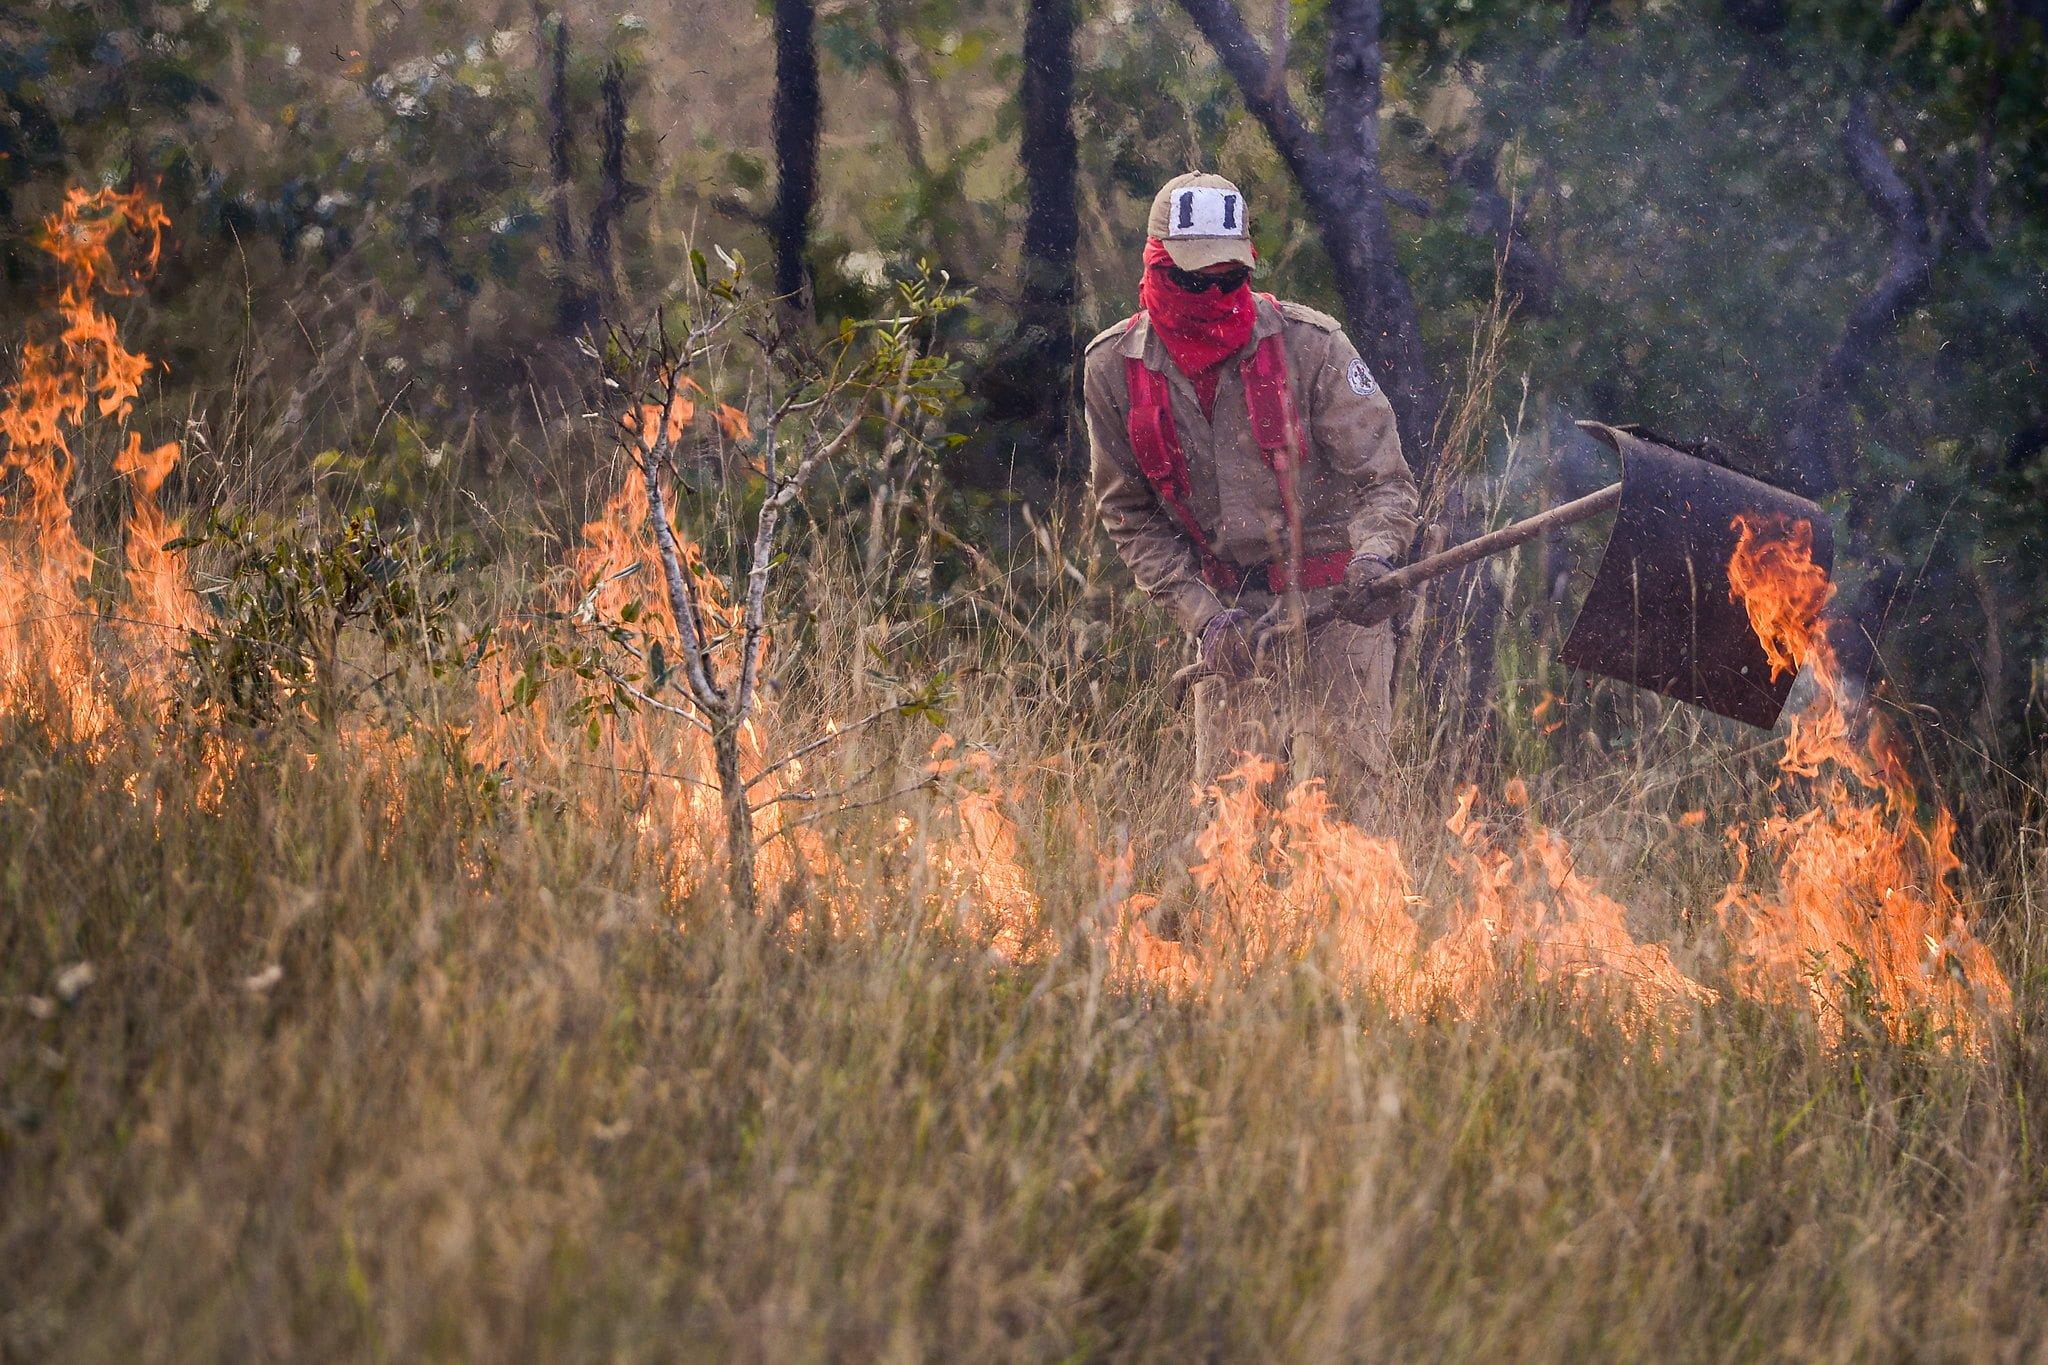 Parceria entre Prefeitura, Corpo de Bombeiros e produtores atuou em mais de 50% de ocorrências de incêndio